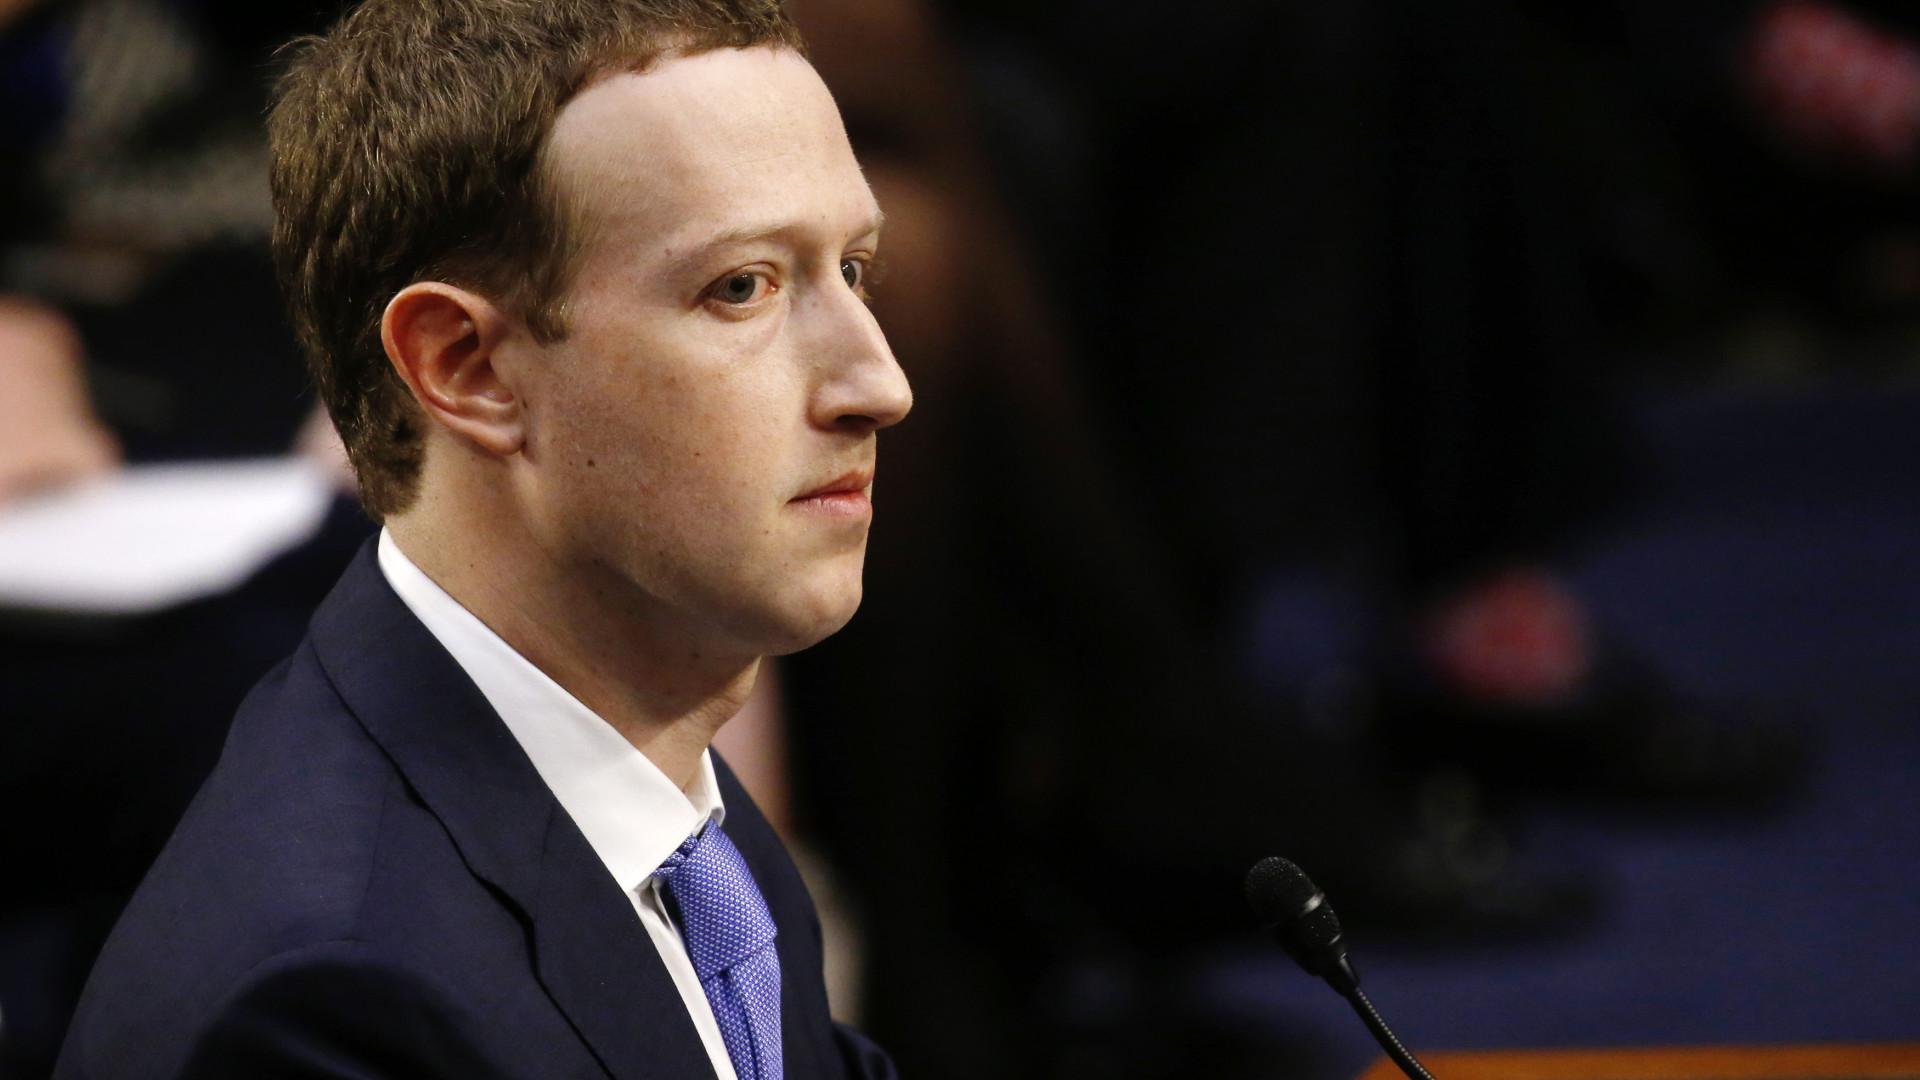 Zuckerberg acusa Apple de atrasar inovação